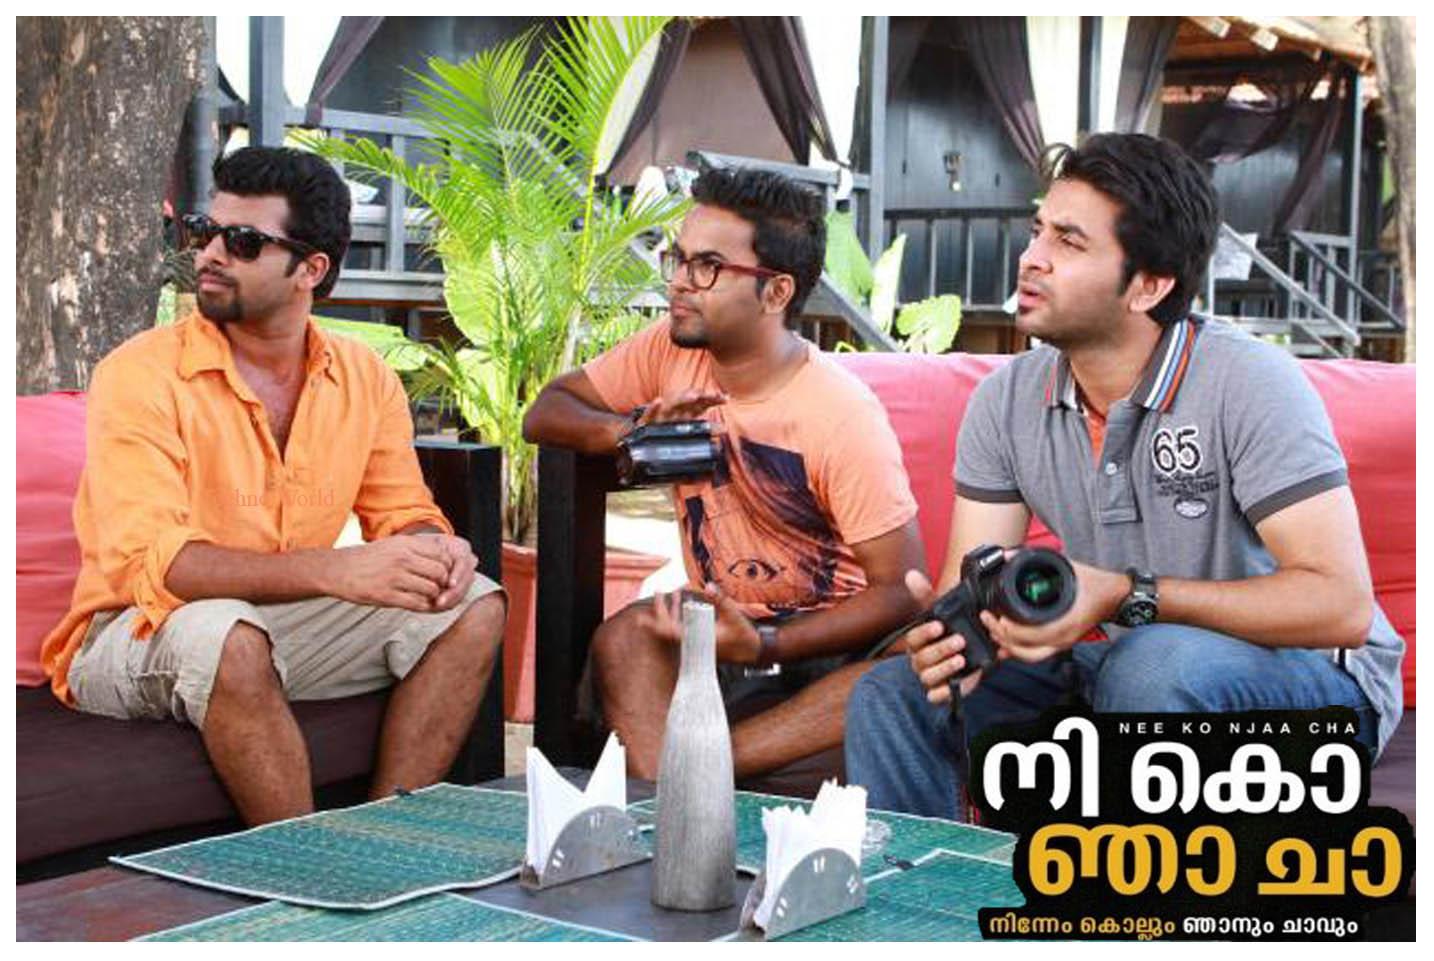 http://4.bp.blogspot.com/-RizTaSbDxqc/UDNhQ1Xqo5I/AAAAAAAAA4g/QcyRnFFgNas/s1600/Nee-ko-njaa-cha-malayalam-movie-official-poster-sunny-wayne.jpg